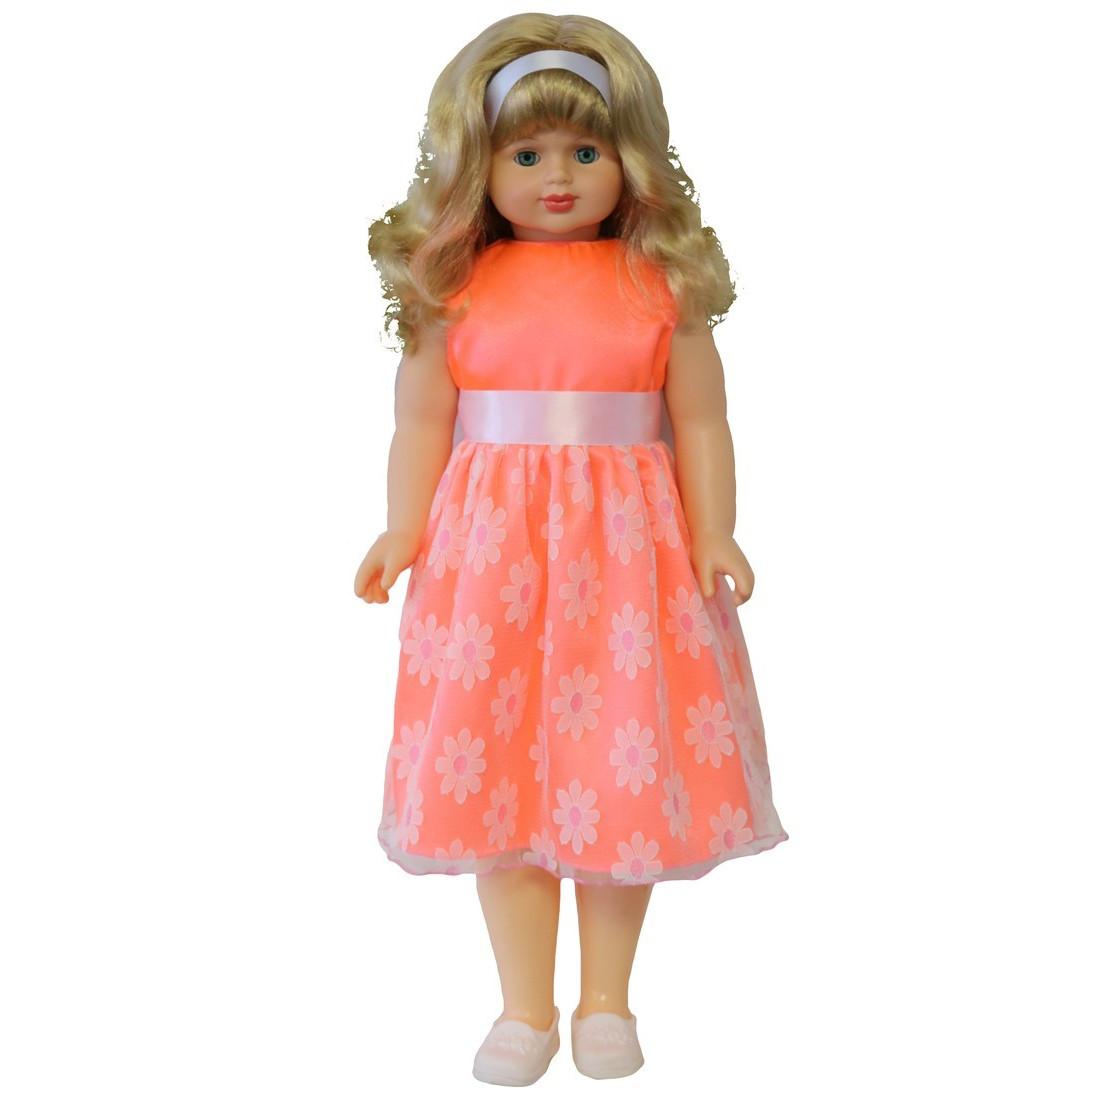 Кукла Снежана 22, шагает, говорит, 83 смРусские куклы фабрики Весна<br>Кукла Снежана 22, шагает, говорит, 83 см<br>